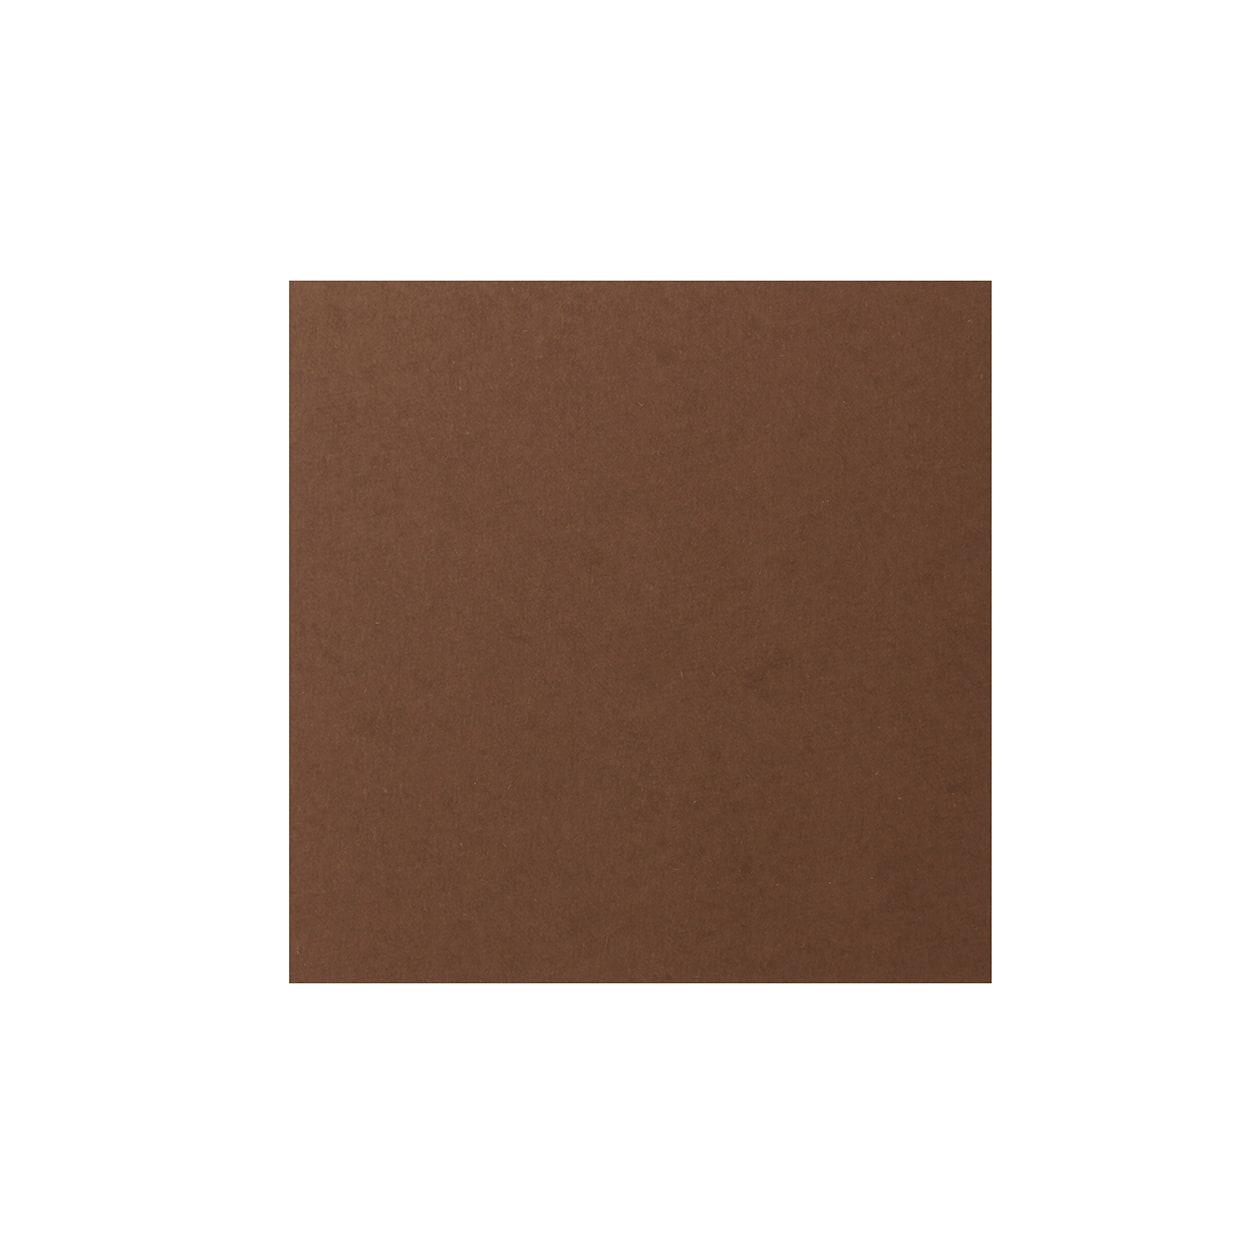 #27カード ボード紙 チョコレート 450g